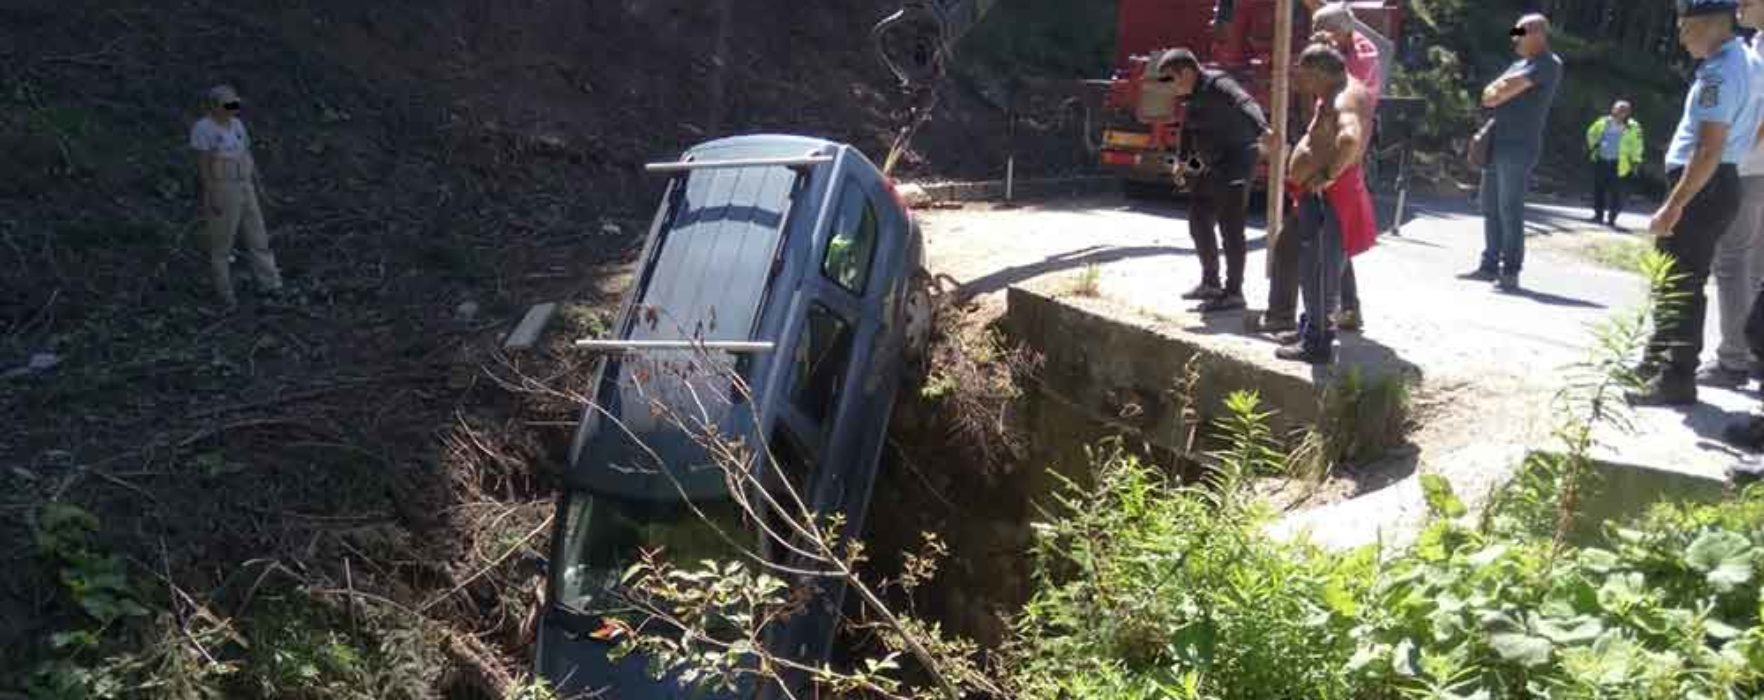 Dâmboviţa: Maşină căzută într-o râpă în zona montană a judeţului; jandarmii au intervenit